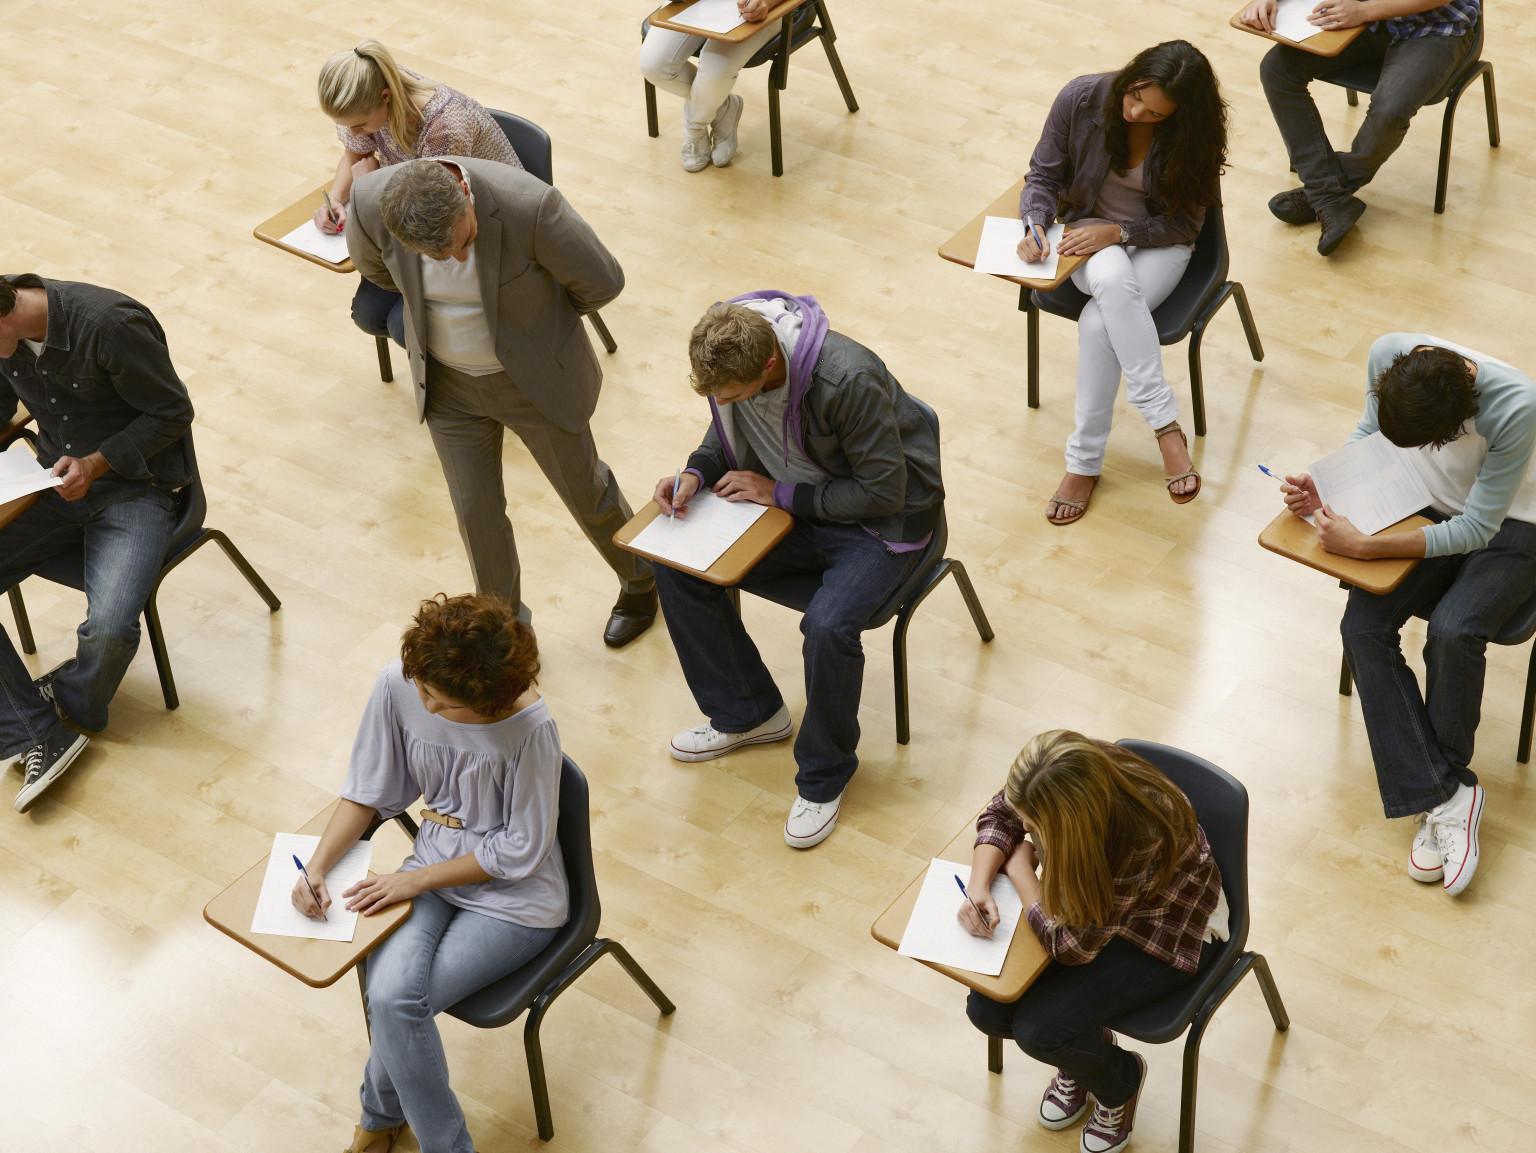 Lsat study guide ratings